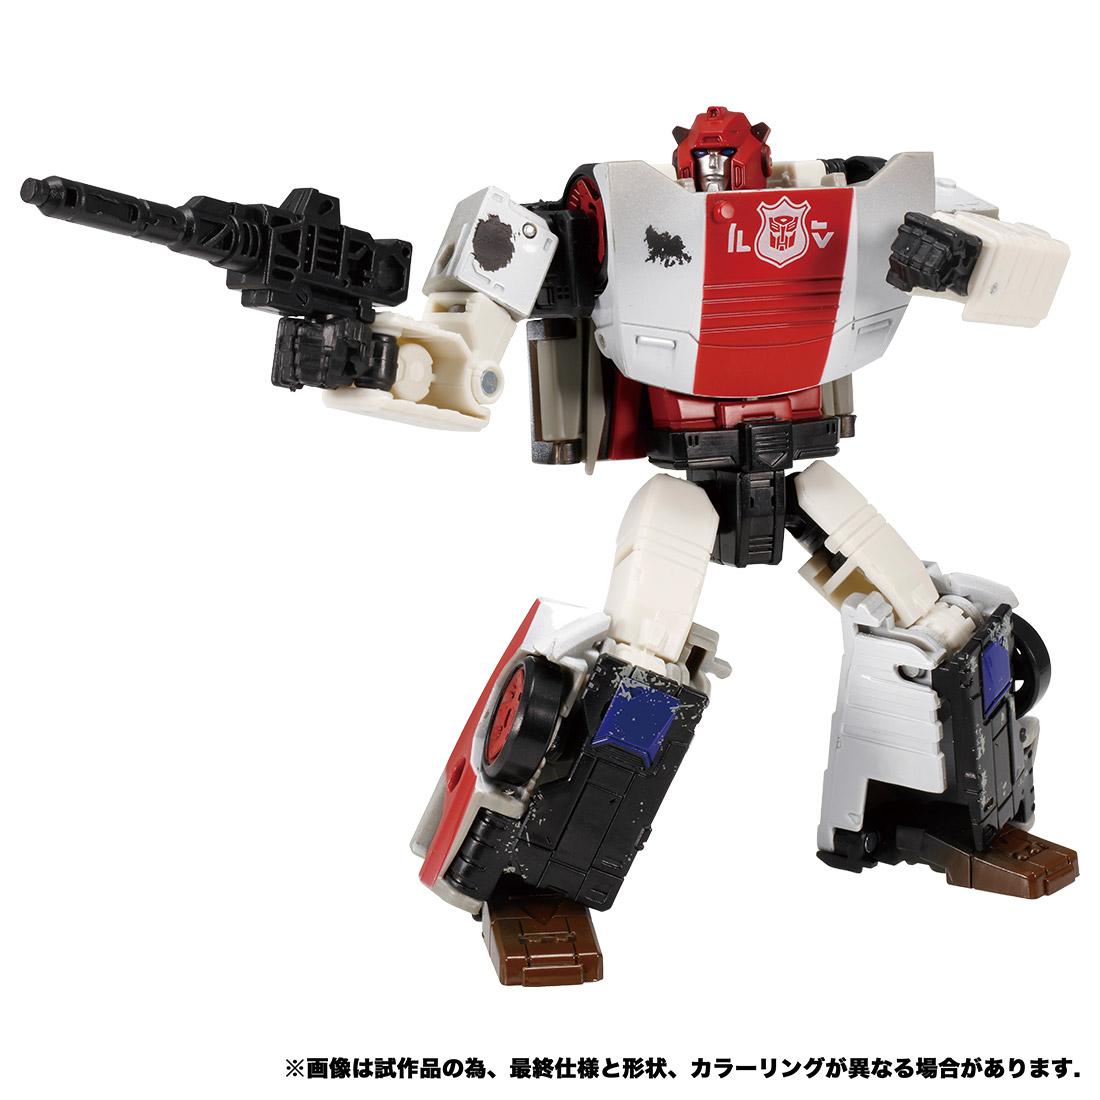 トランスフォーマー ウォーフォーサイバトロン『WFC-13 レッドアラート』可変可動フィギュア-003